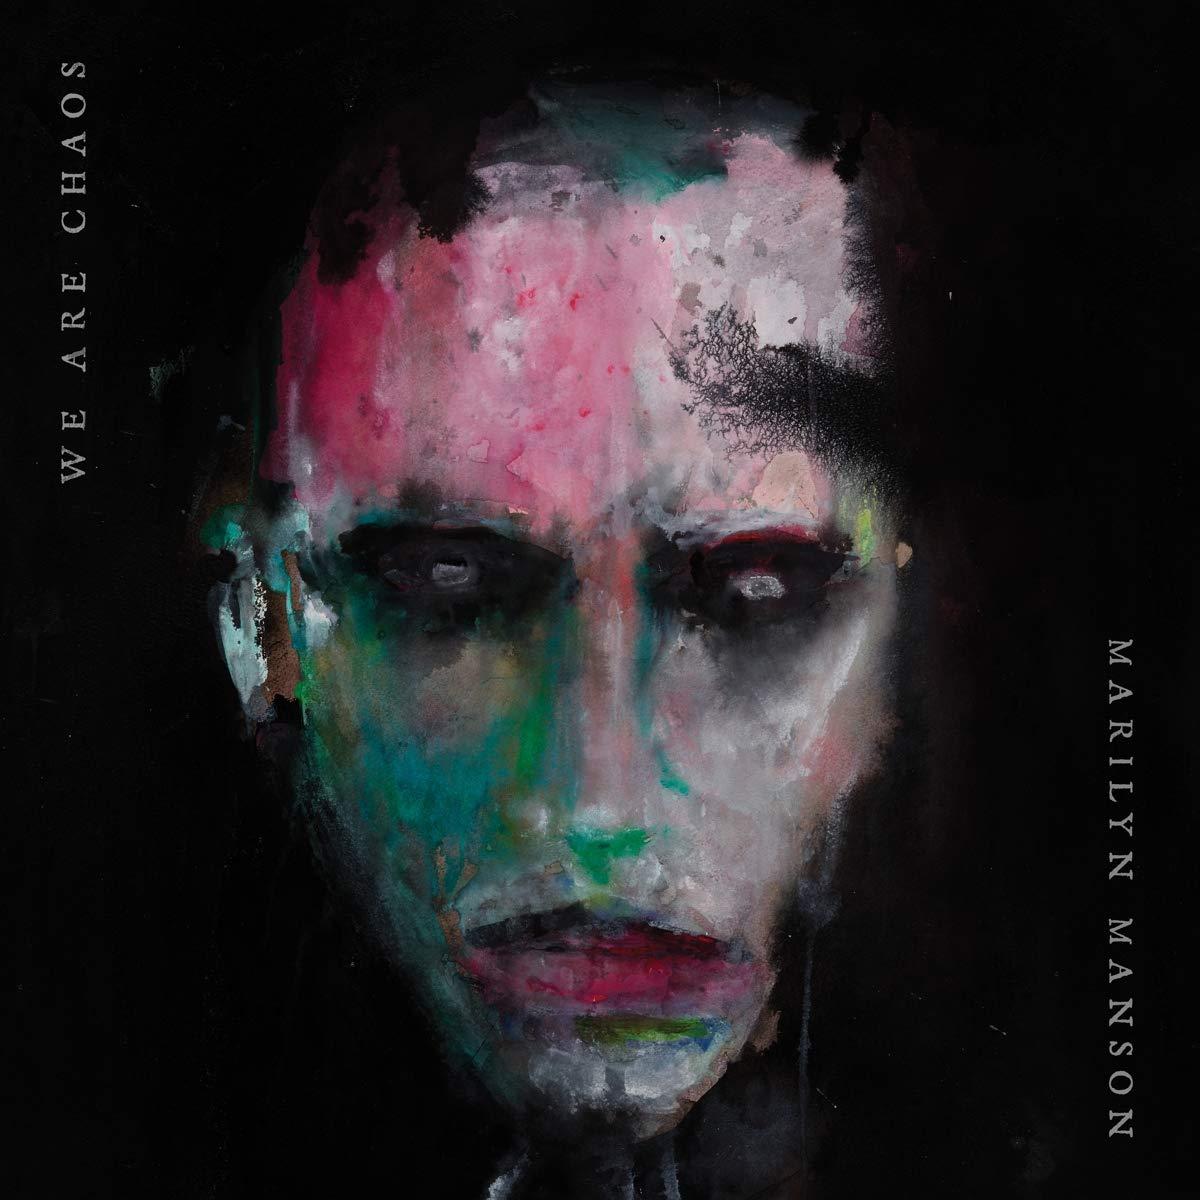 Album des Monats